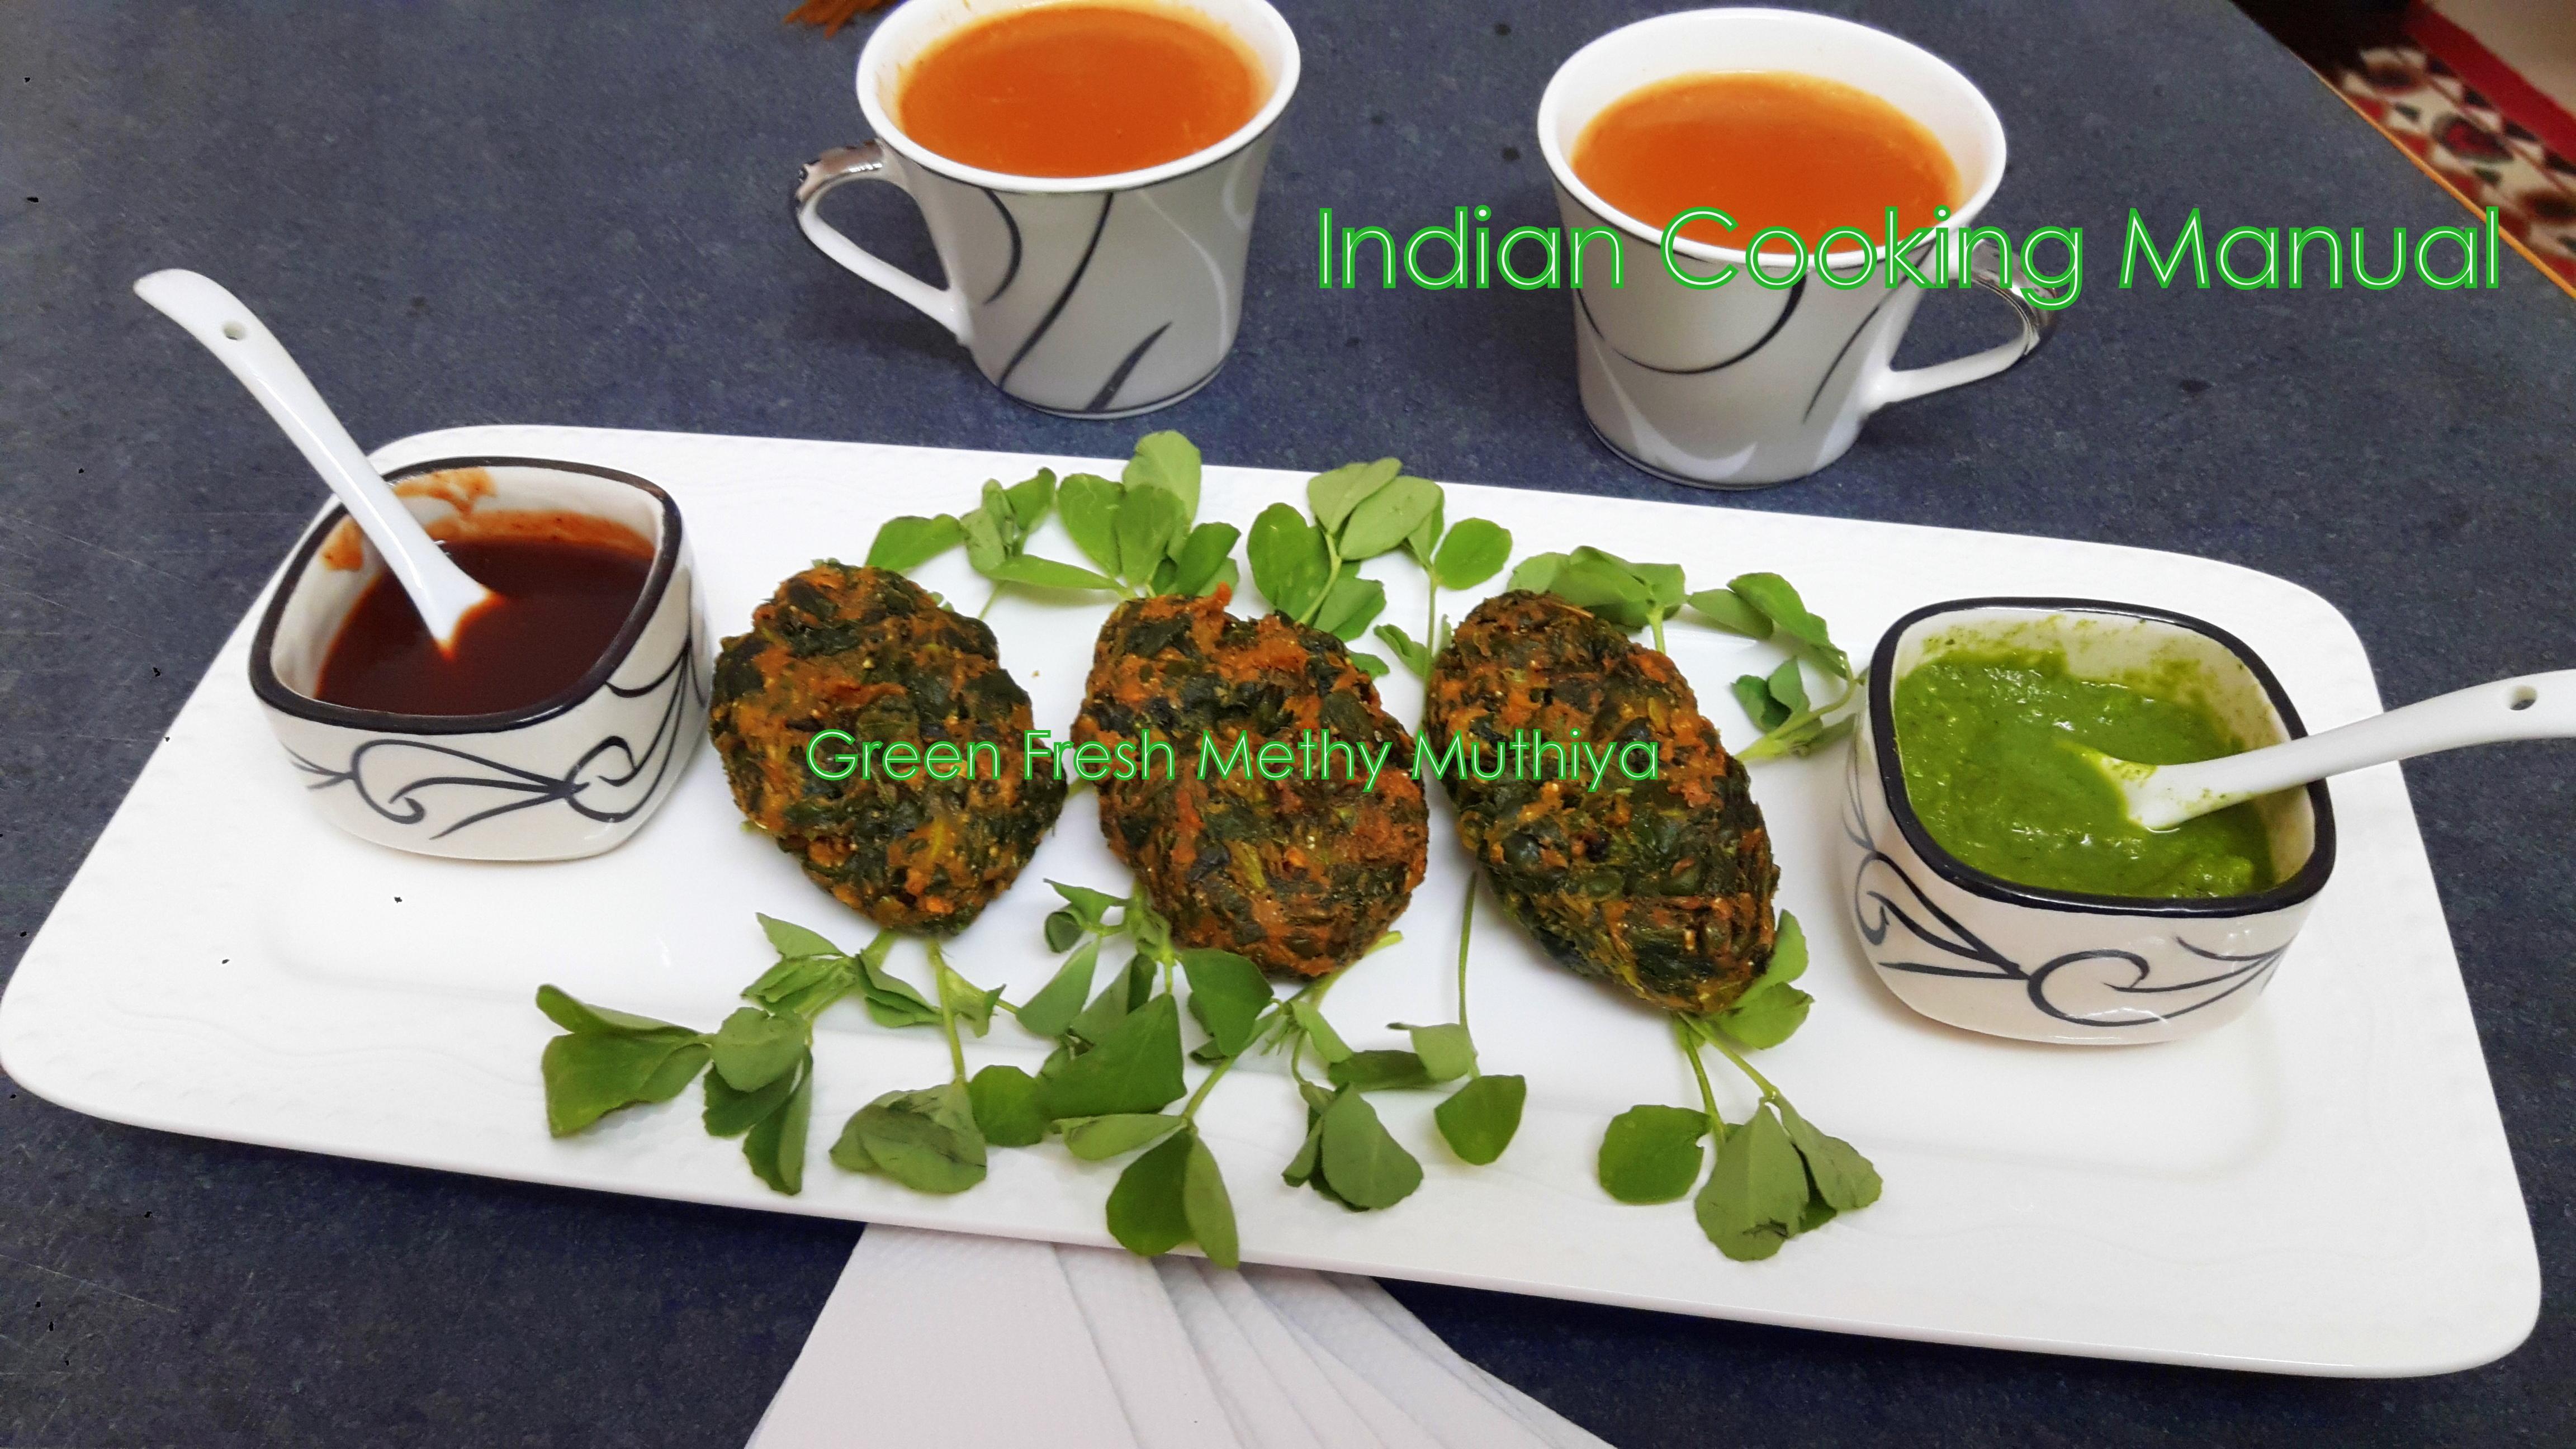 Green Fresh Methy Fritters (Methy Saag Muthiya)